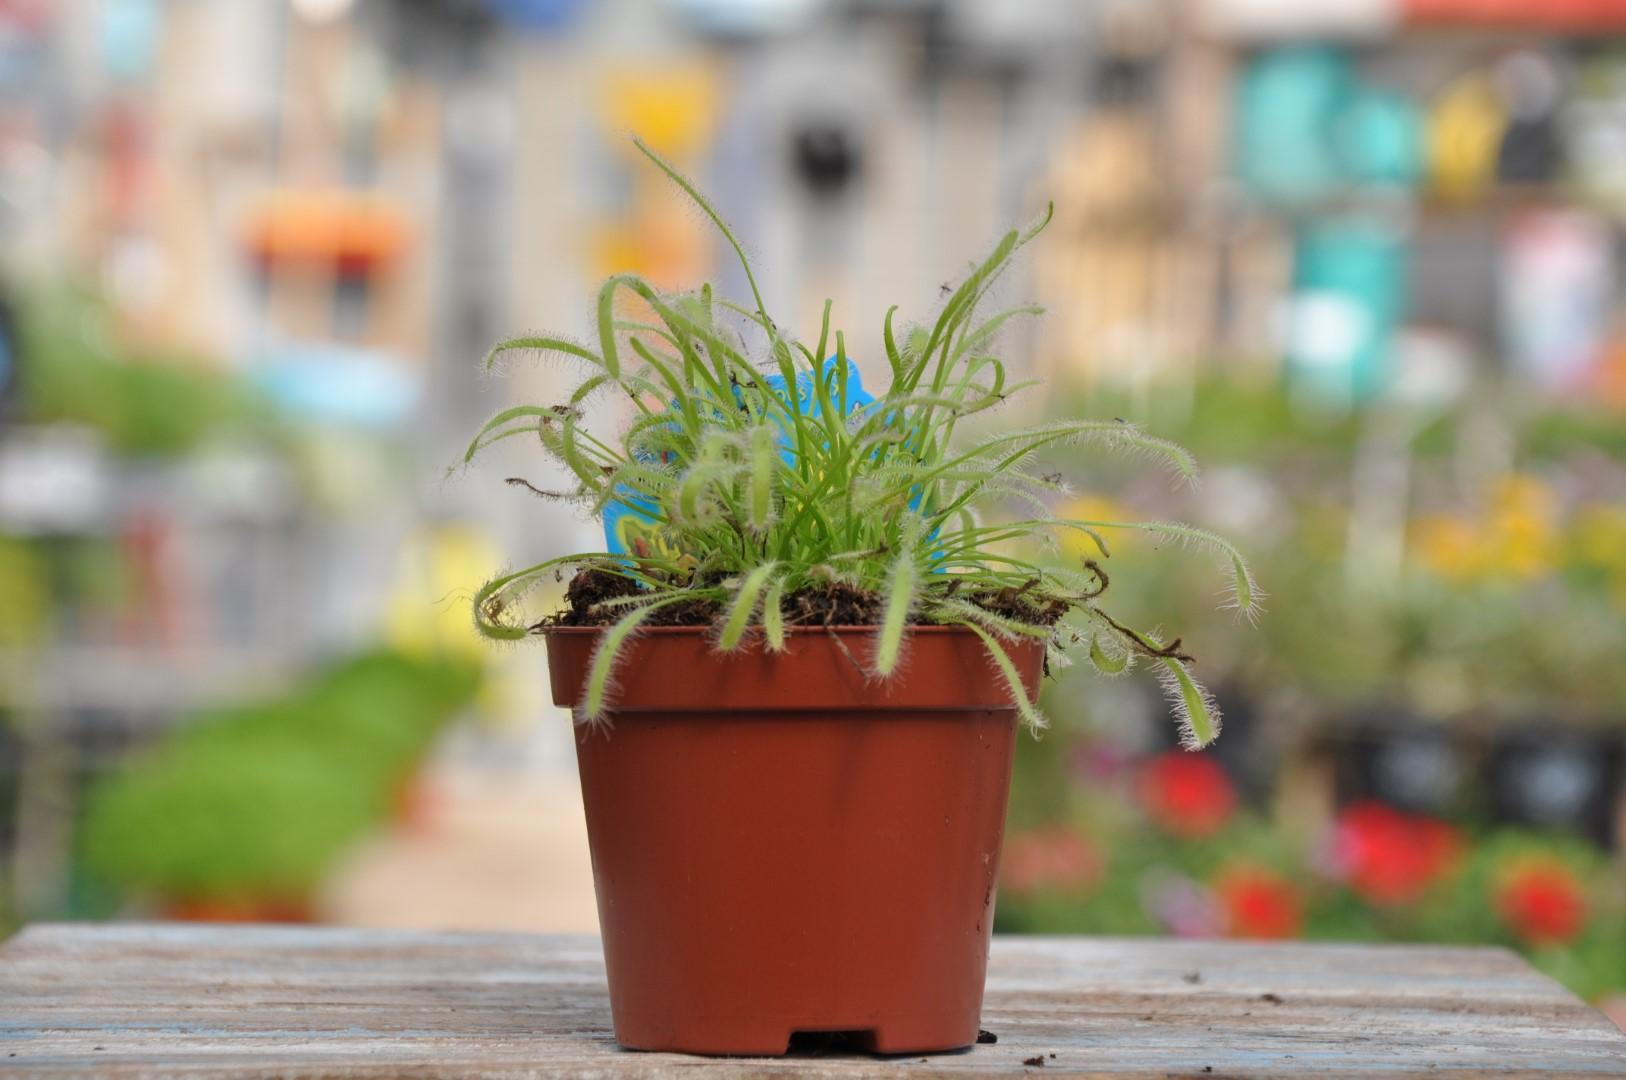 צמח טורף - משתלה ביבנה